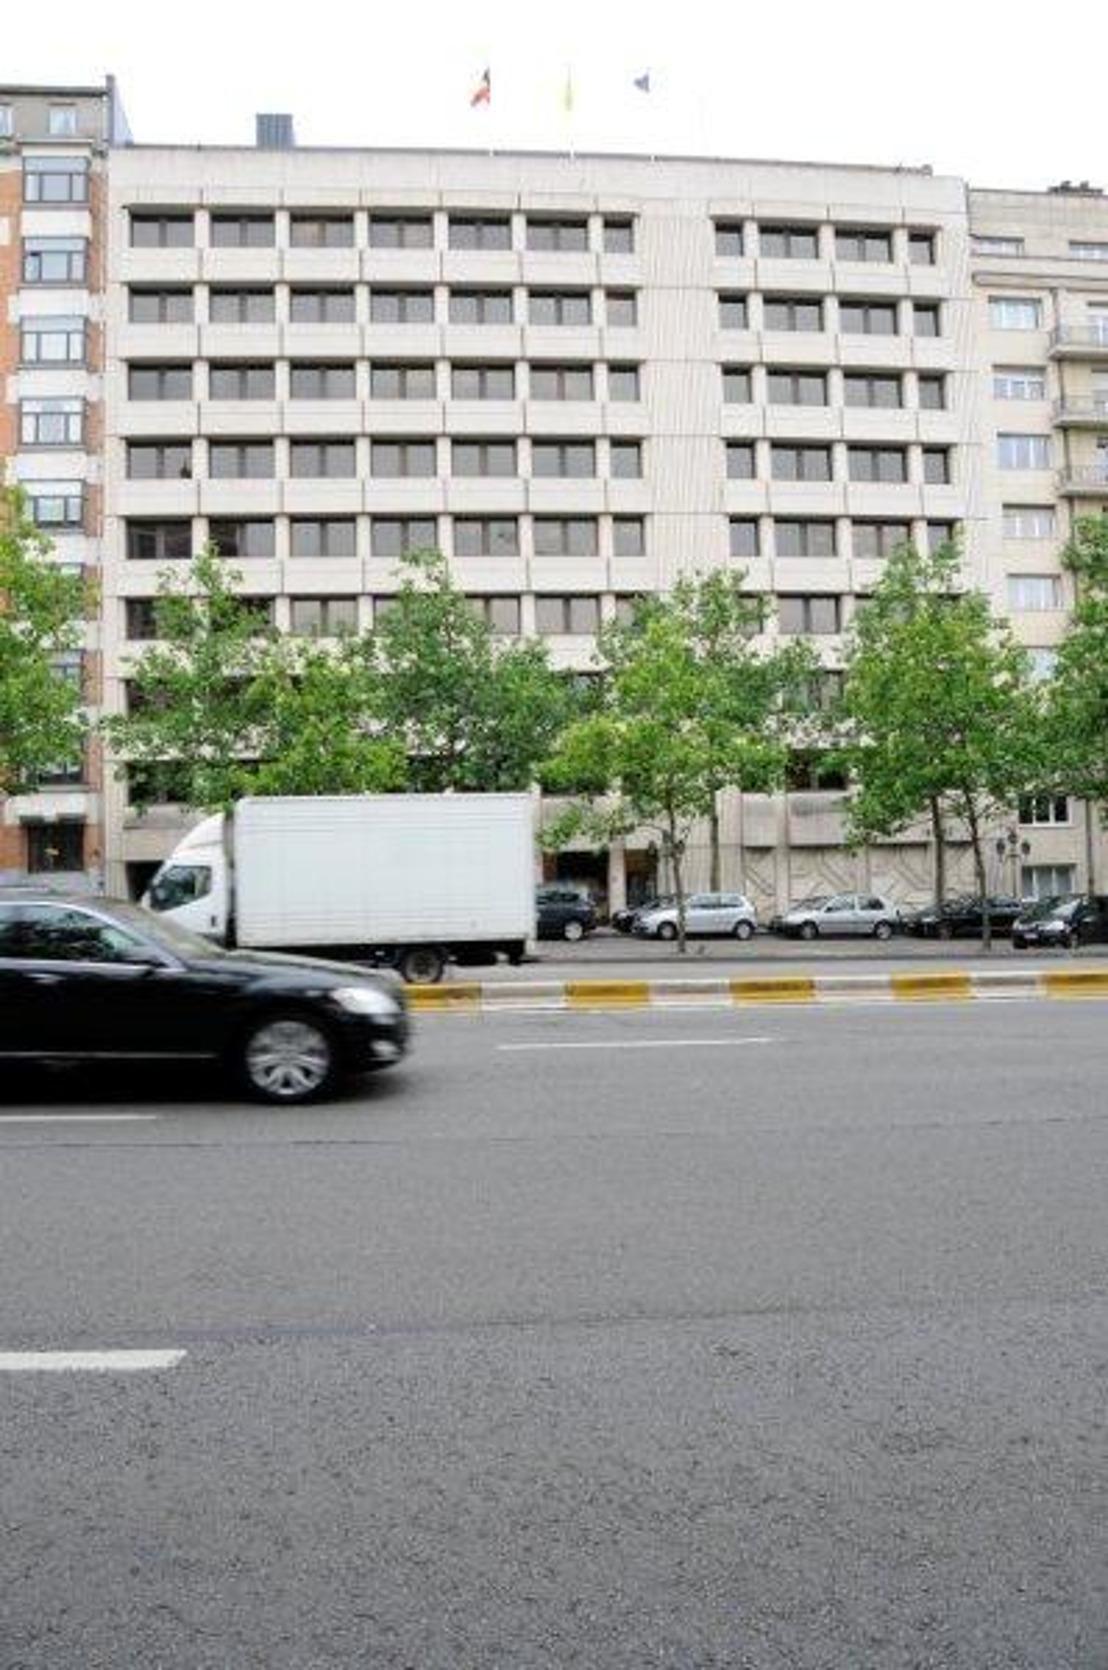 Kantoorgebouw van VLM in Brussel verkocht